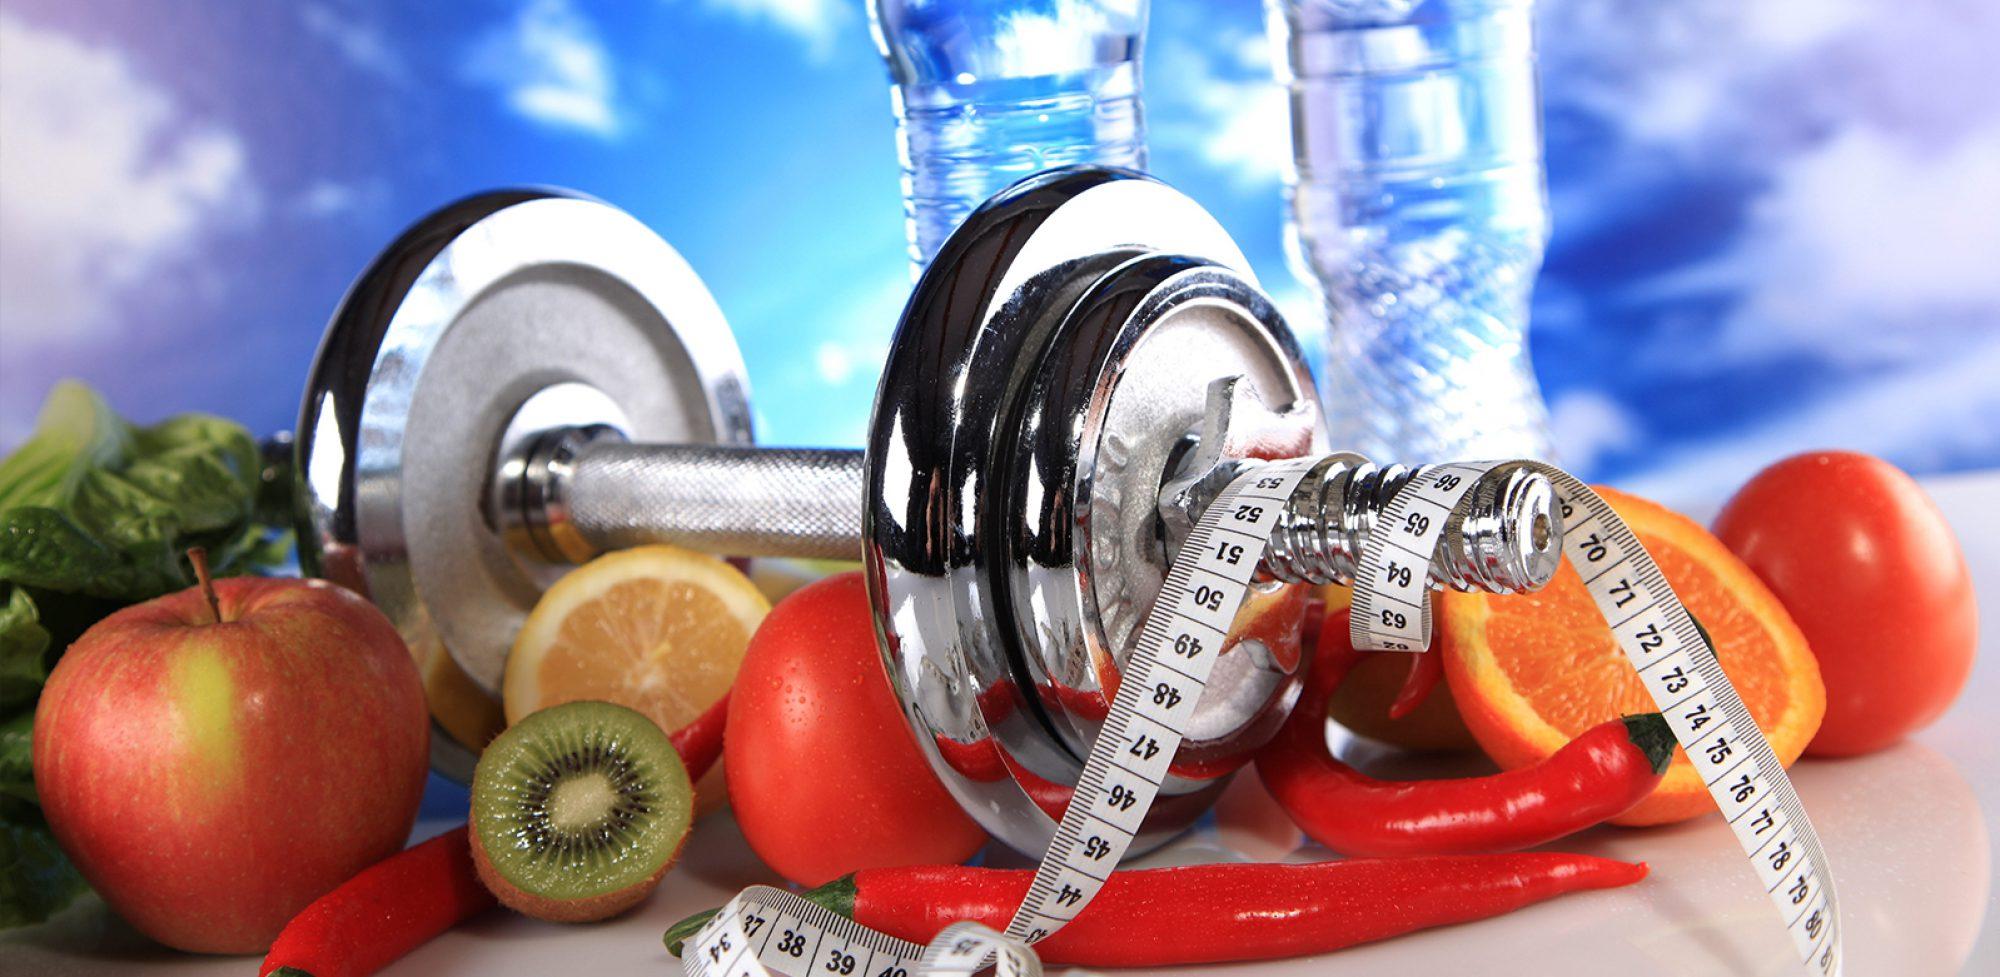 pesas y alimentos